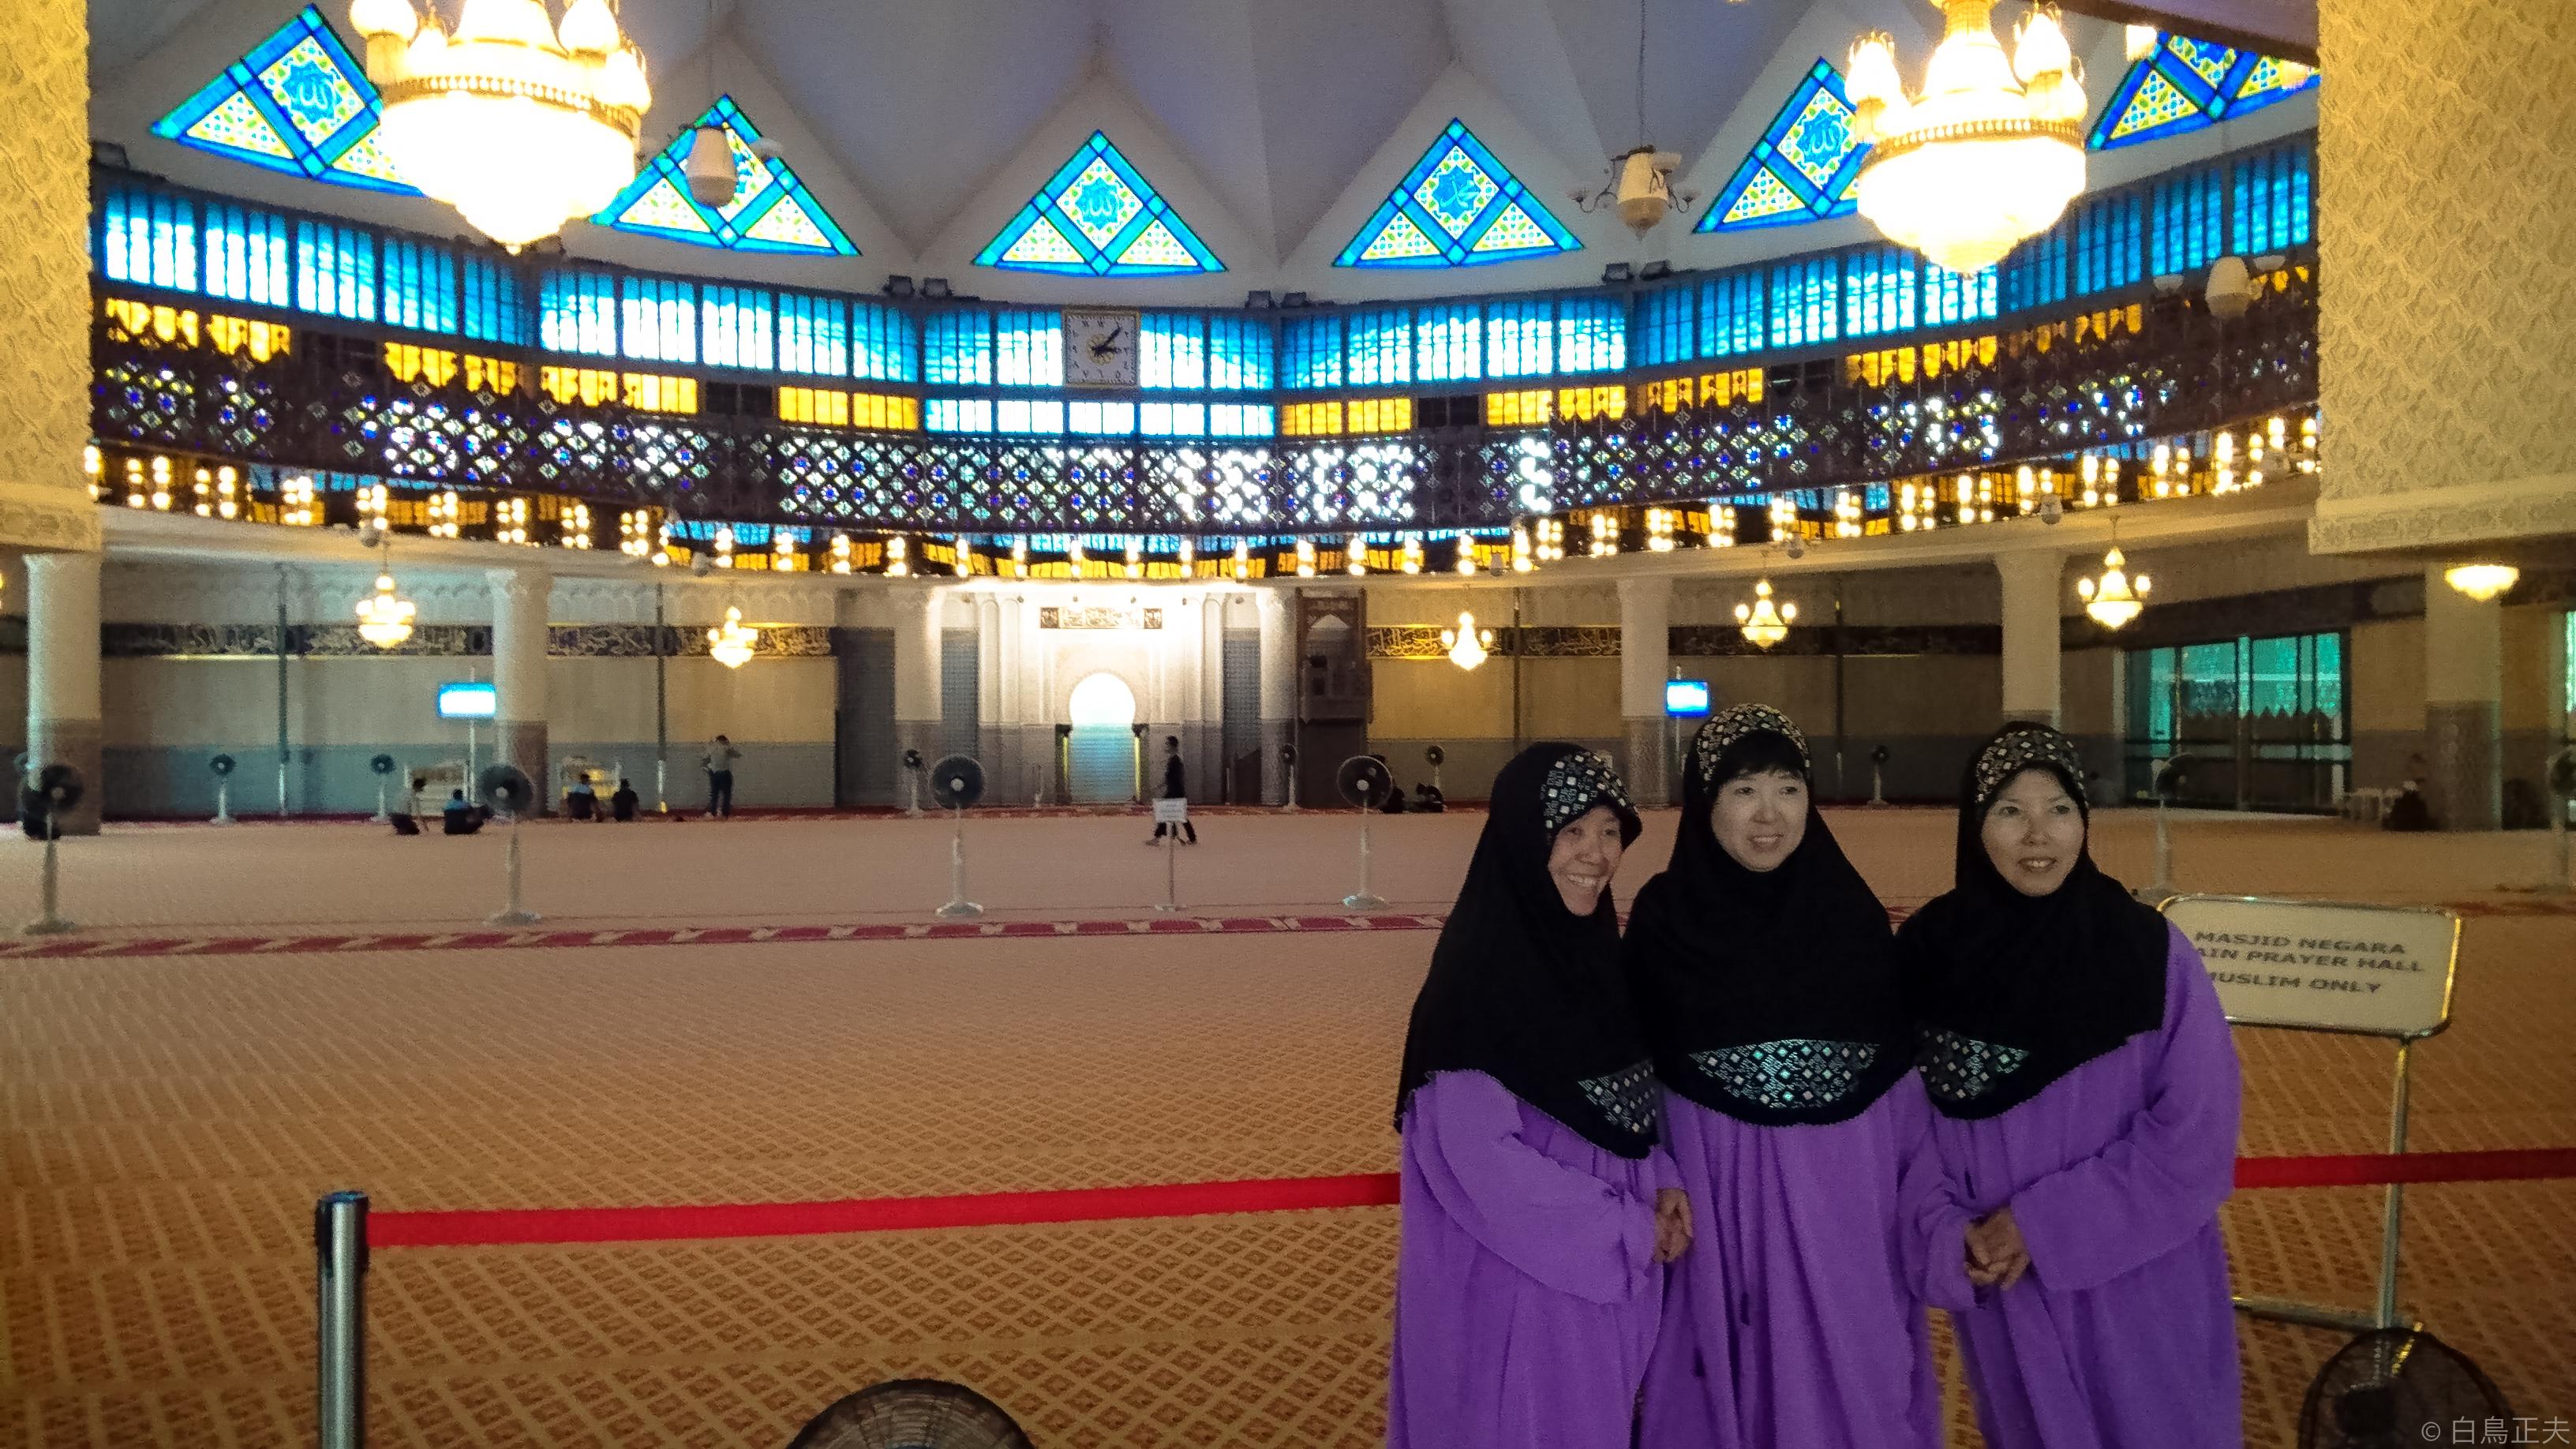 8000人が入れる国立モスク